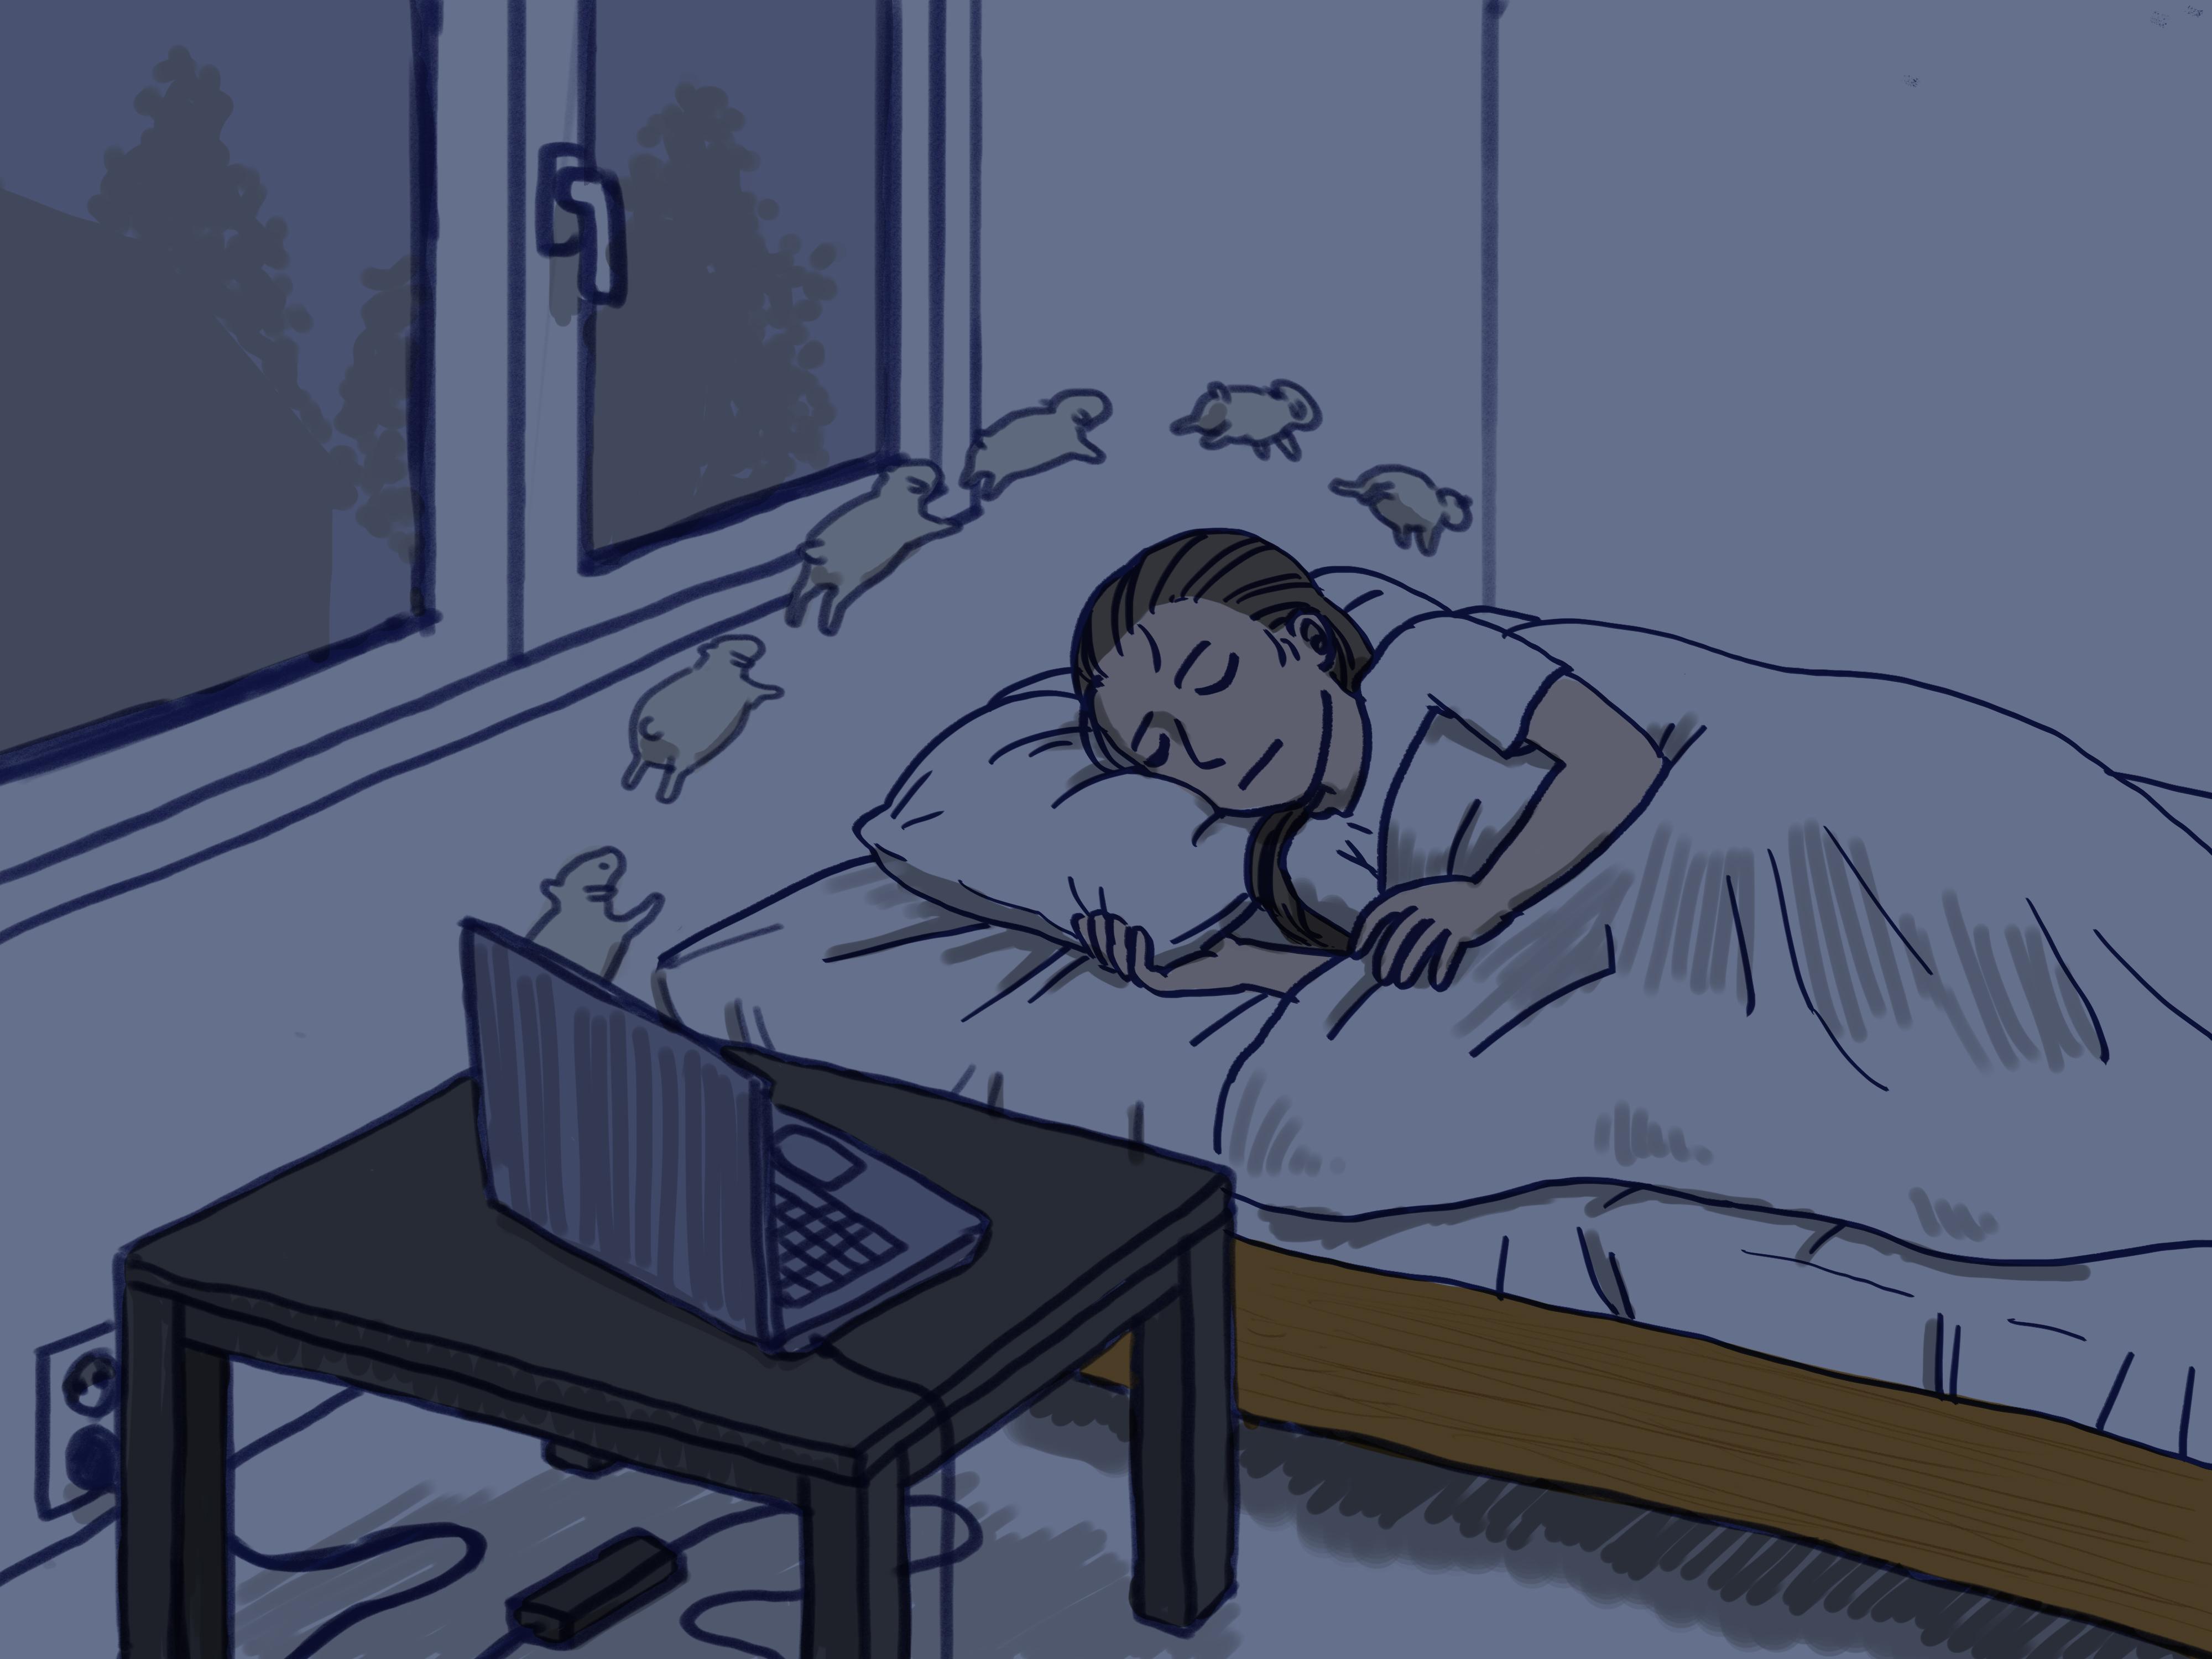 Frau im Bett schlafend, neben dem Bett steht auf einem Tisch ein Laptop aus dem Schafe herausfliegen